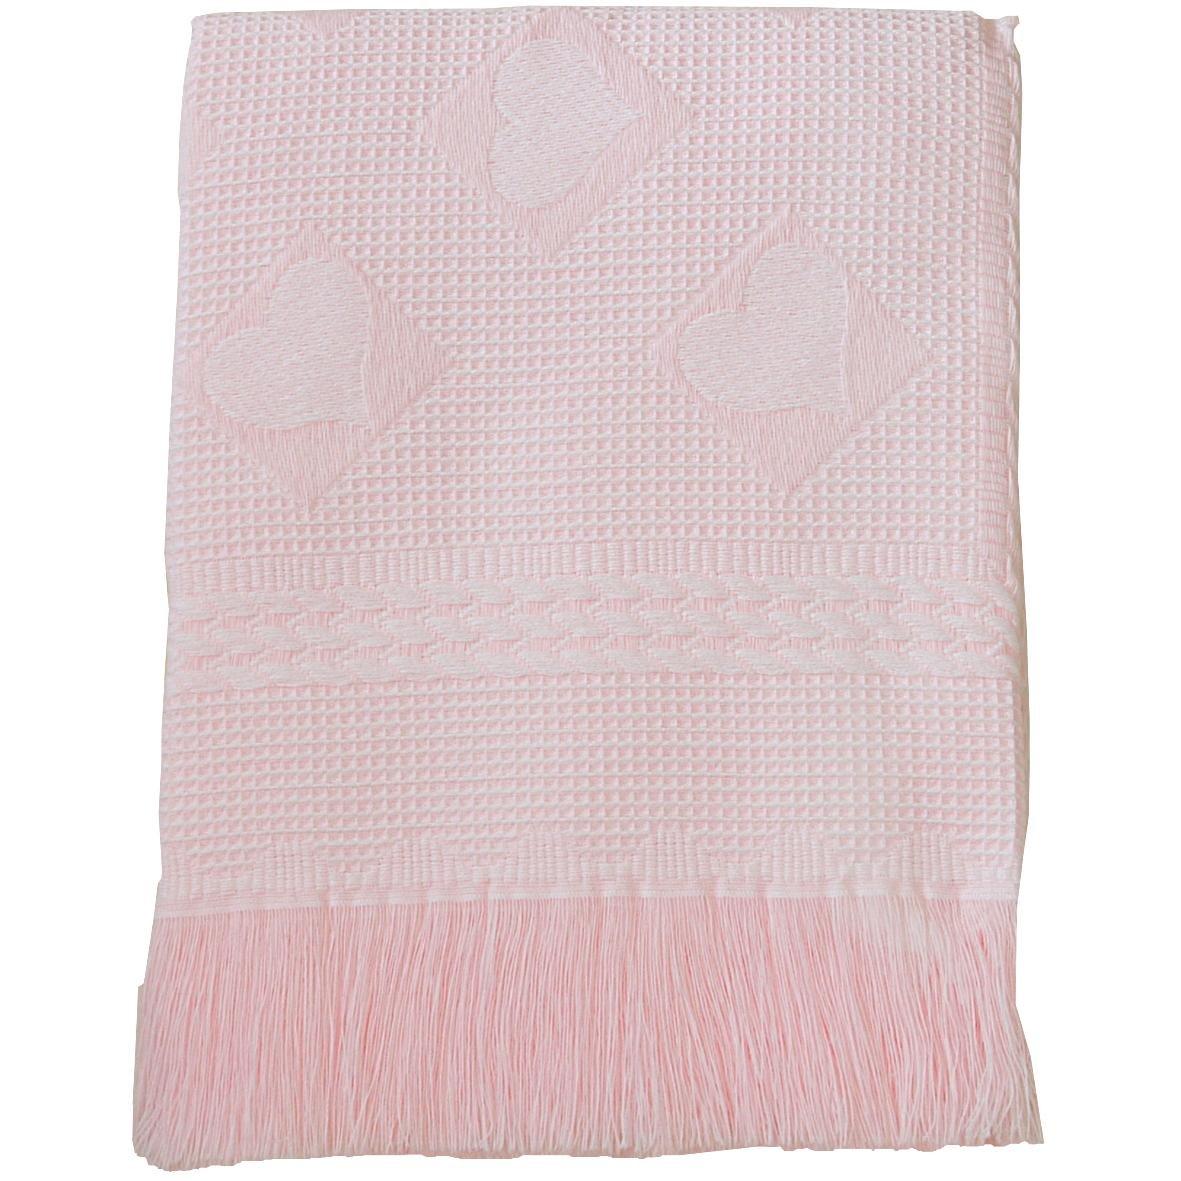 BabyPrem Large Soft White Acrylic Baby Shawl / Blanket - Hearts & Squares Design, 122 x 122 cm PY008